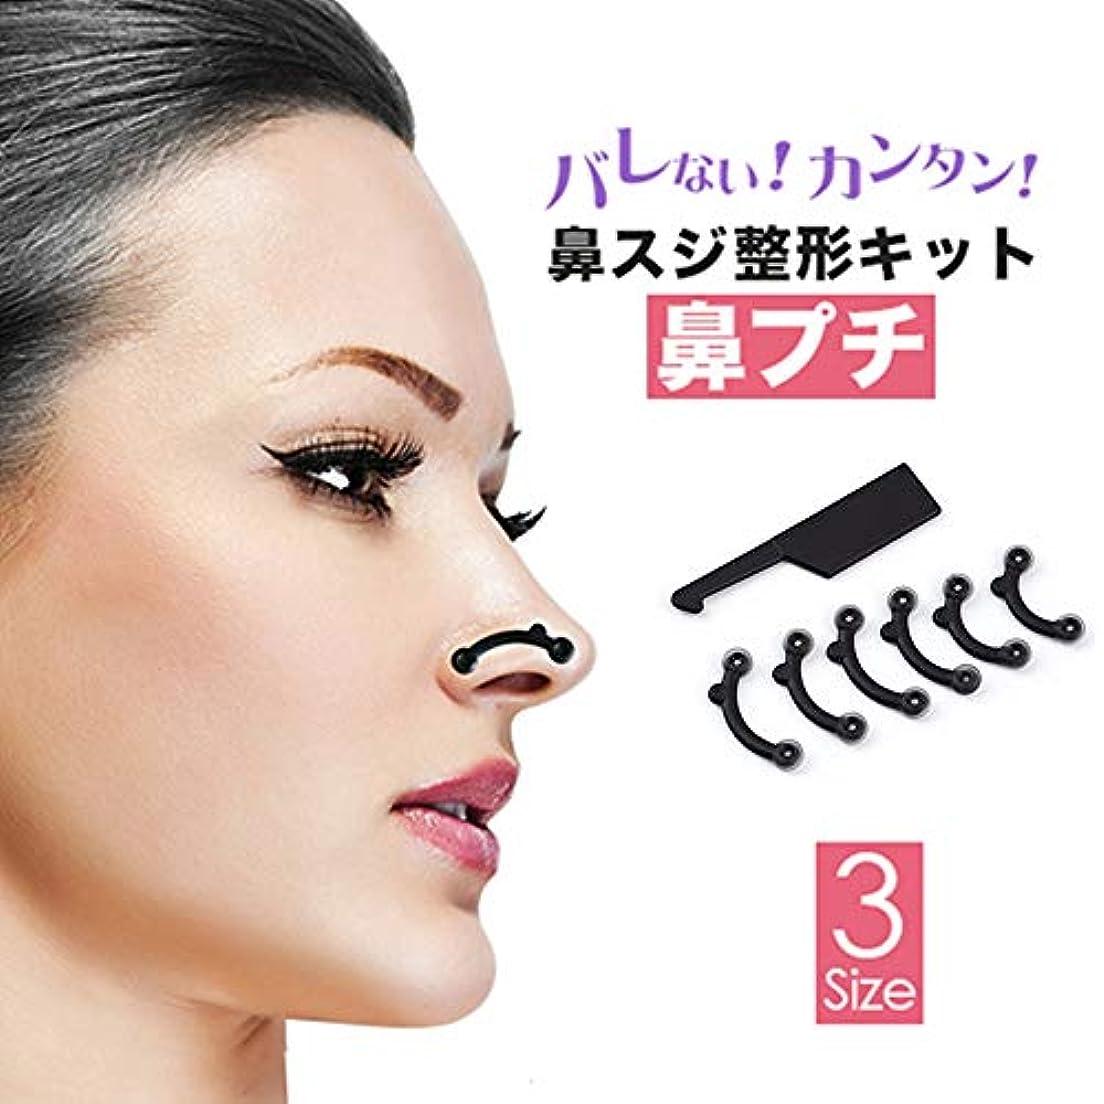 にはまって手段真夜中鼻プチ 柔軟性高く ビューティー 矯正プチ 整形せ 24.5mm/25.5mm/27mm 全3サイズセット ブラック